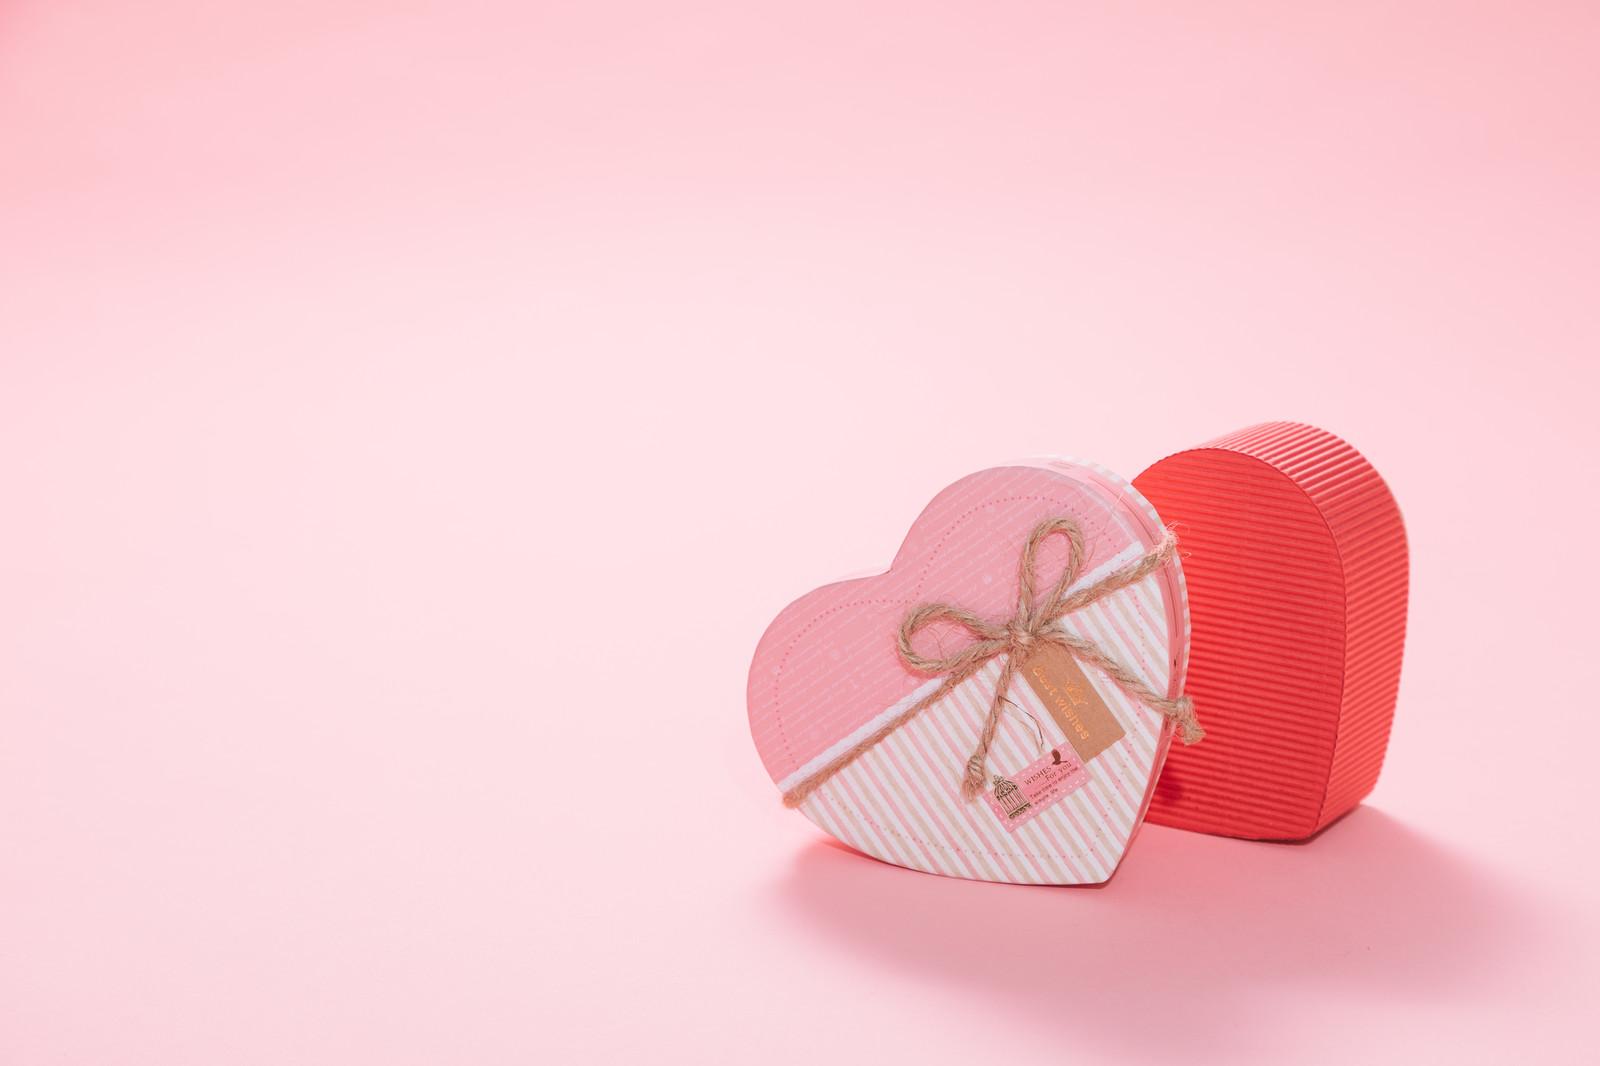 【バレンタイン】簡単かつ美味!スティックケーキのレシピ